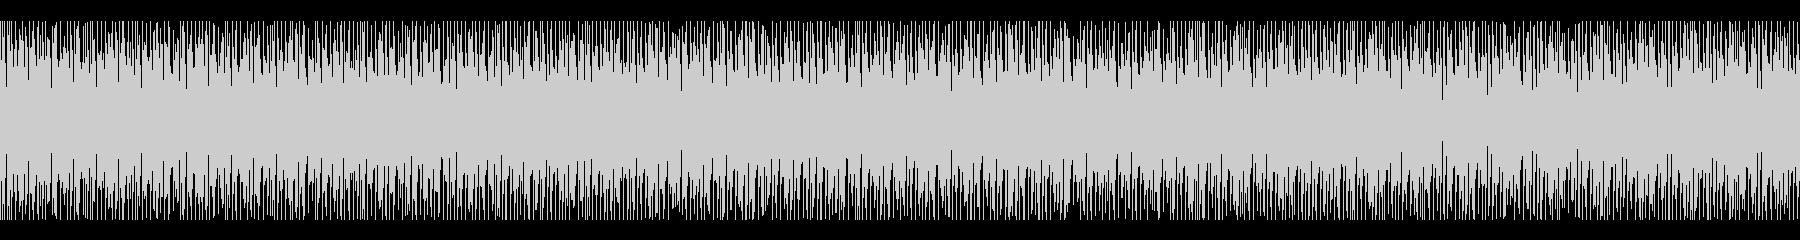 ファミコン 敵、戦闘時のBGM(ループ)の未再生の波形